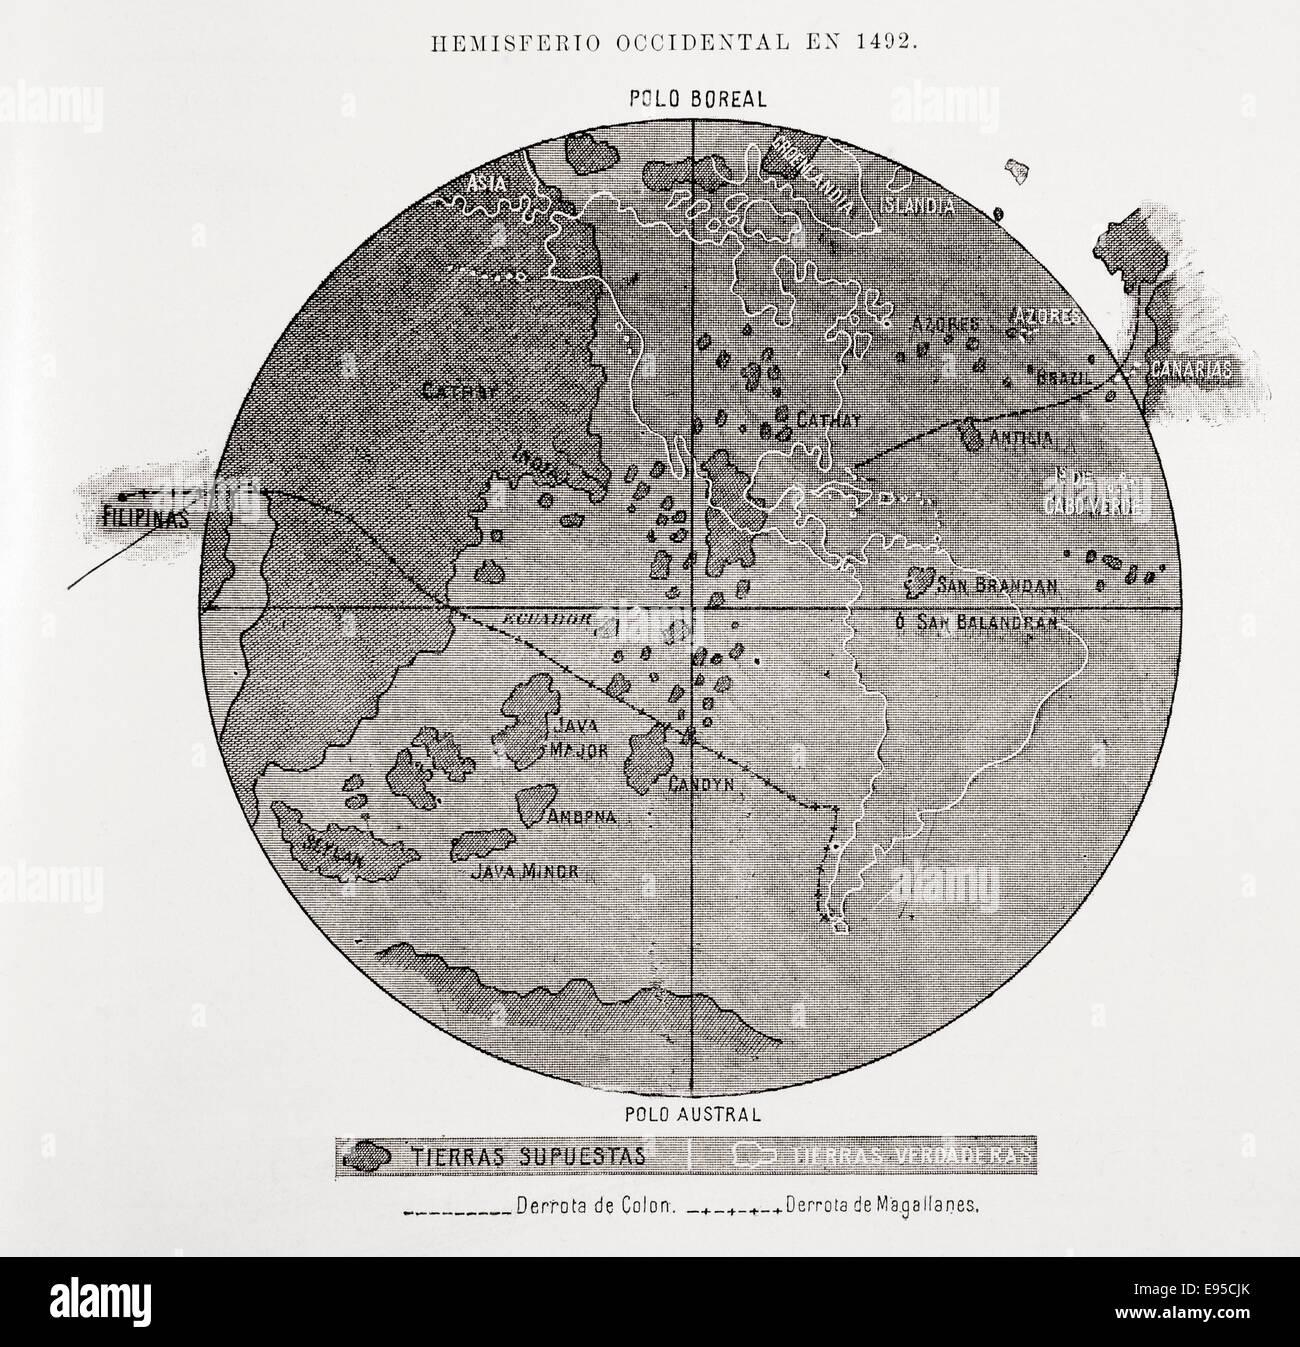 Una mappa dell emisfero occidentale in 1492. Immagini Stock